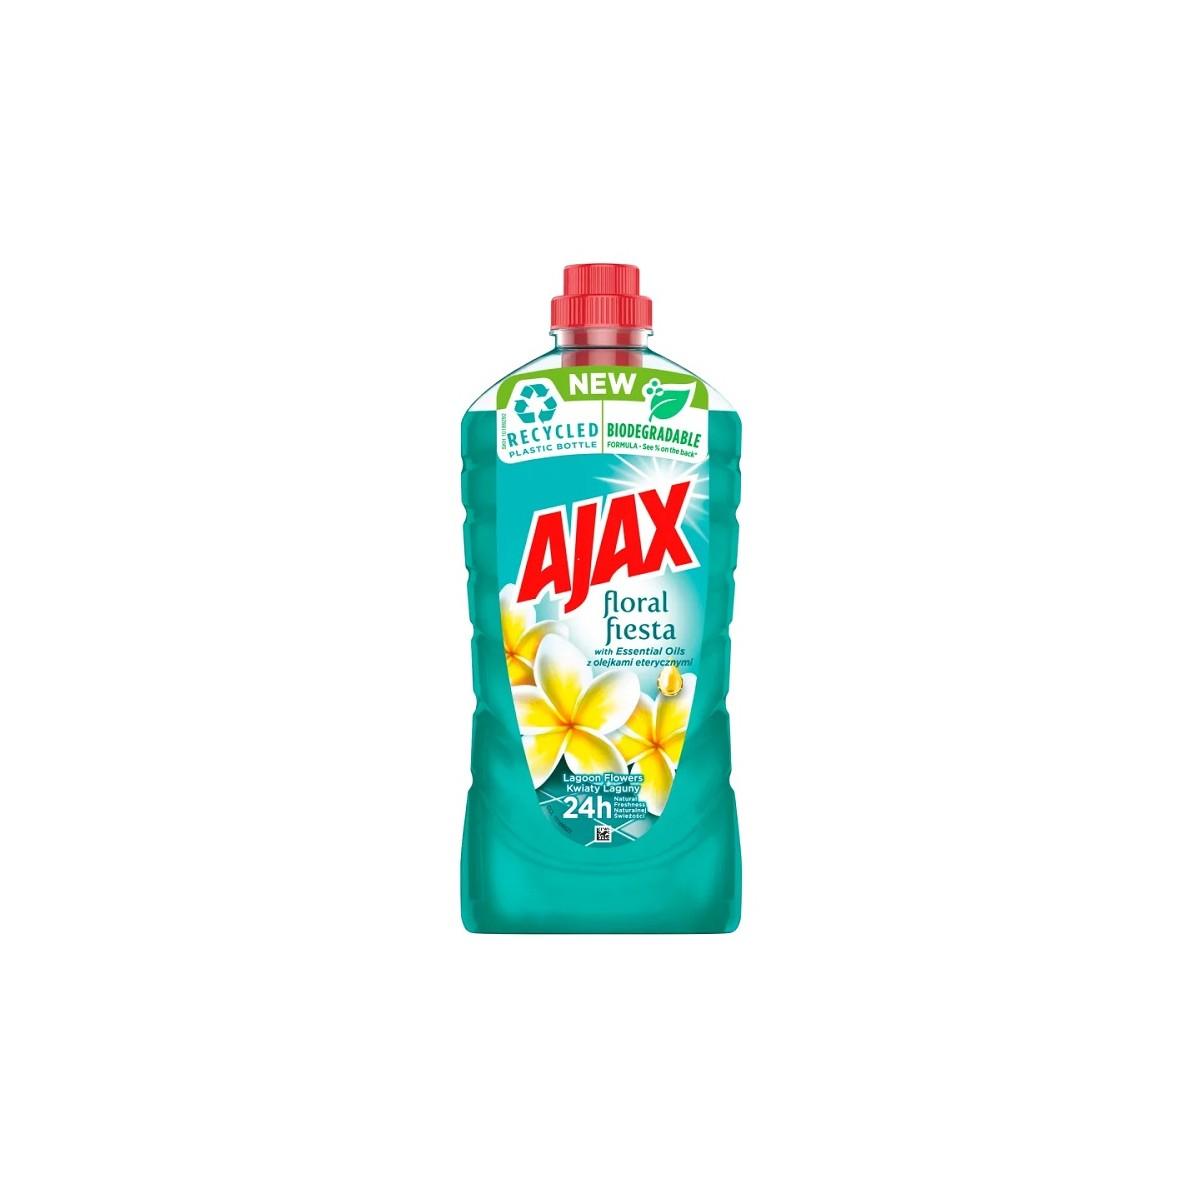 Płyn do mycia 1000 ml, AJAX floral fiesta - Kwiaty Laguny Płyn do mycia 1000 ml, AJAX floral fiesta - Kwiaty Laguny